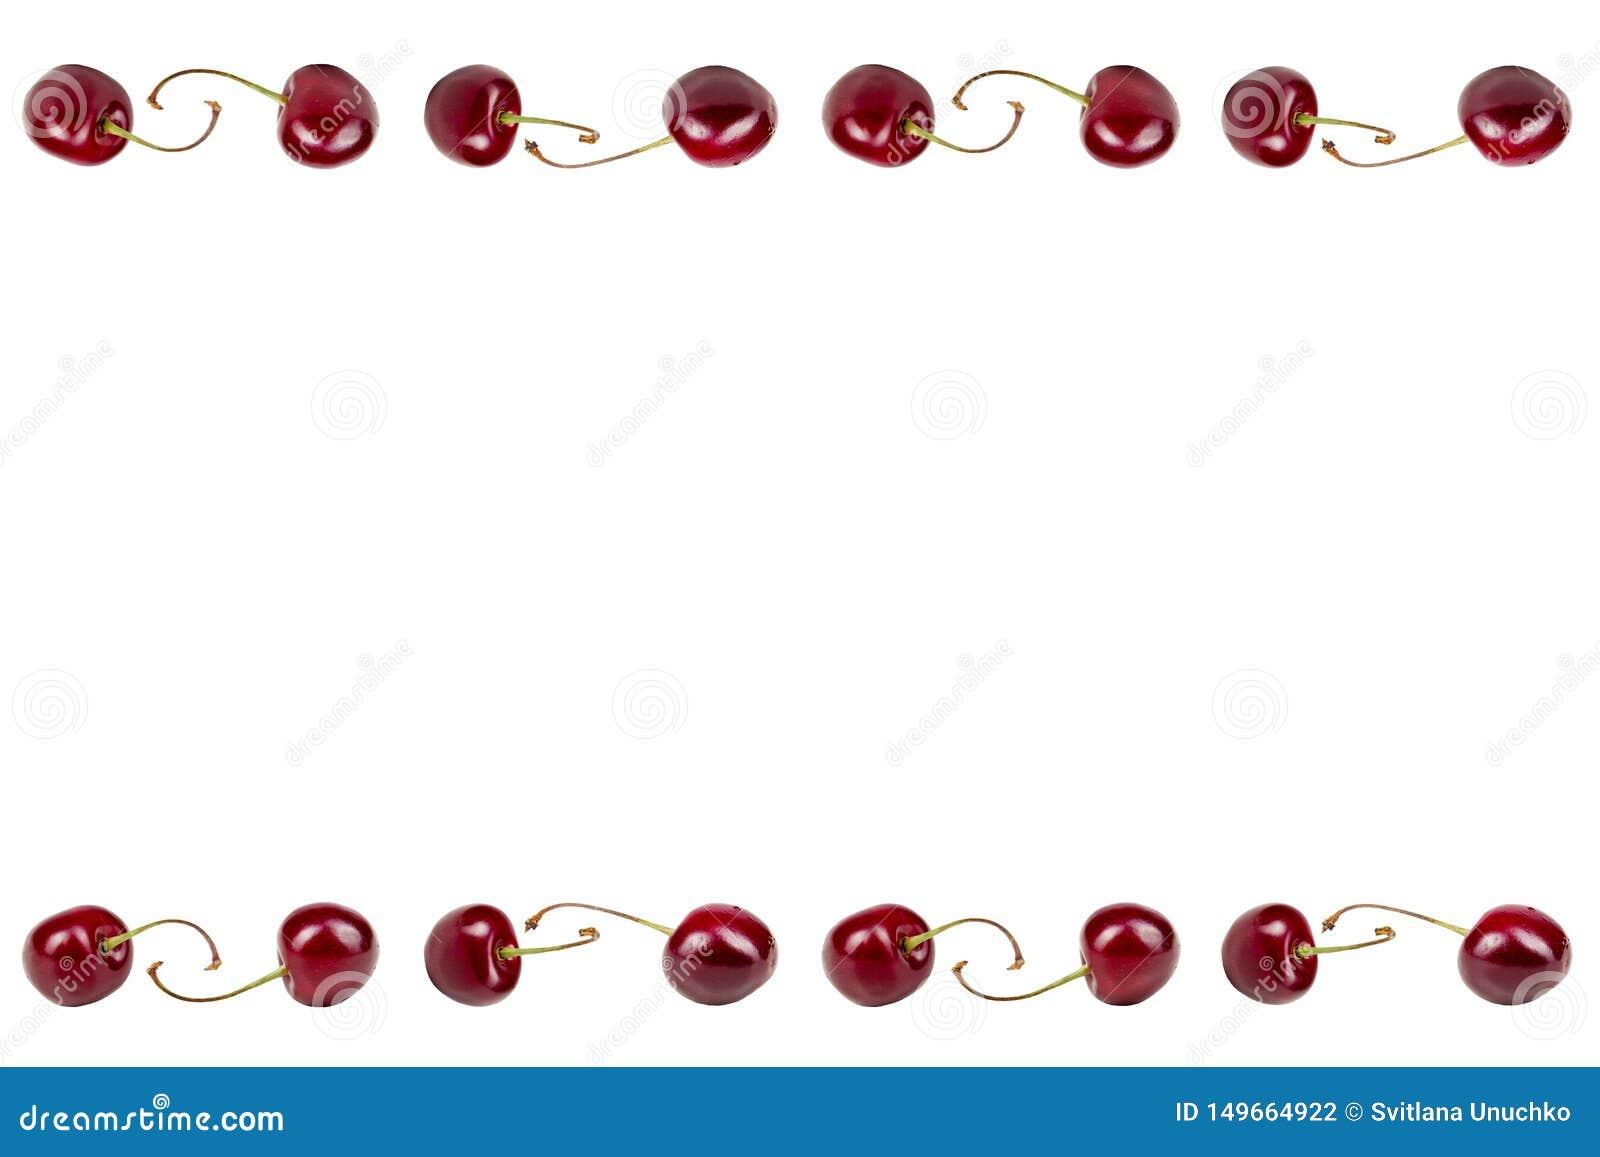 κεράσια Συλλογή των φρούτων γλυκών κερασιών στο άσπρο υπόβαθρο με το ψαλίδισμα της πορείας r r